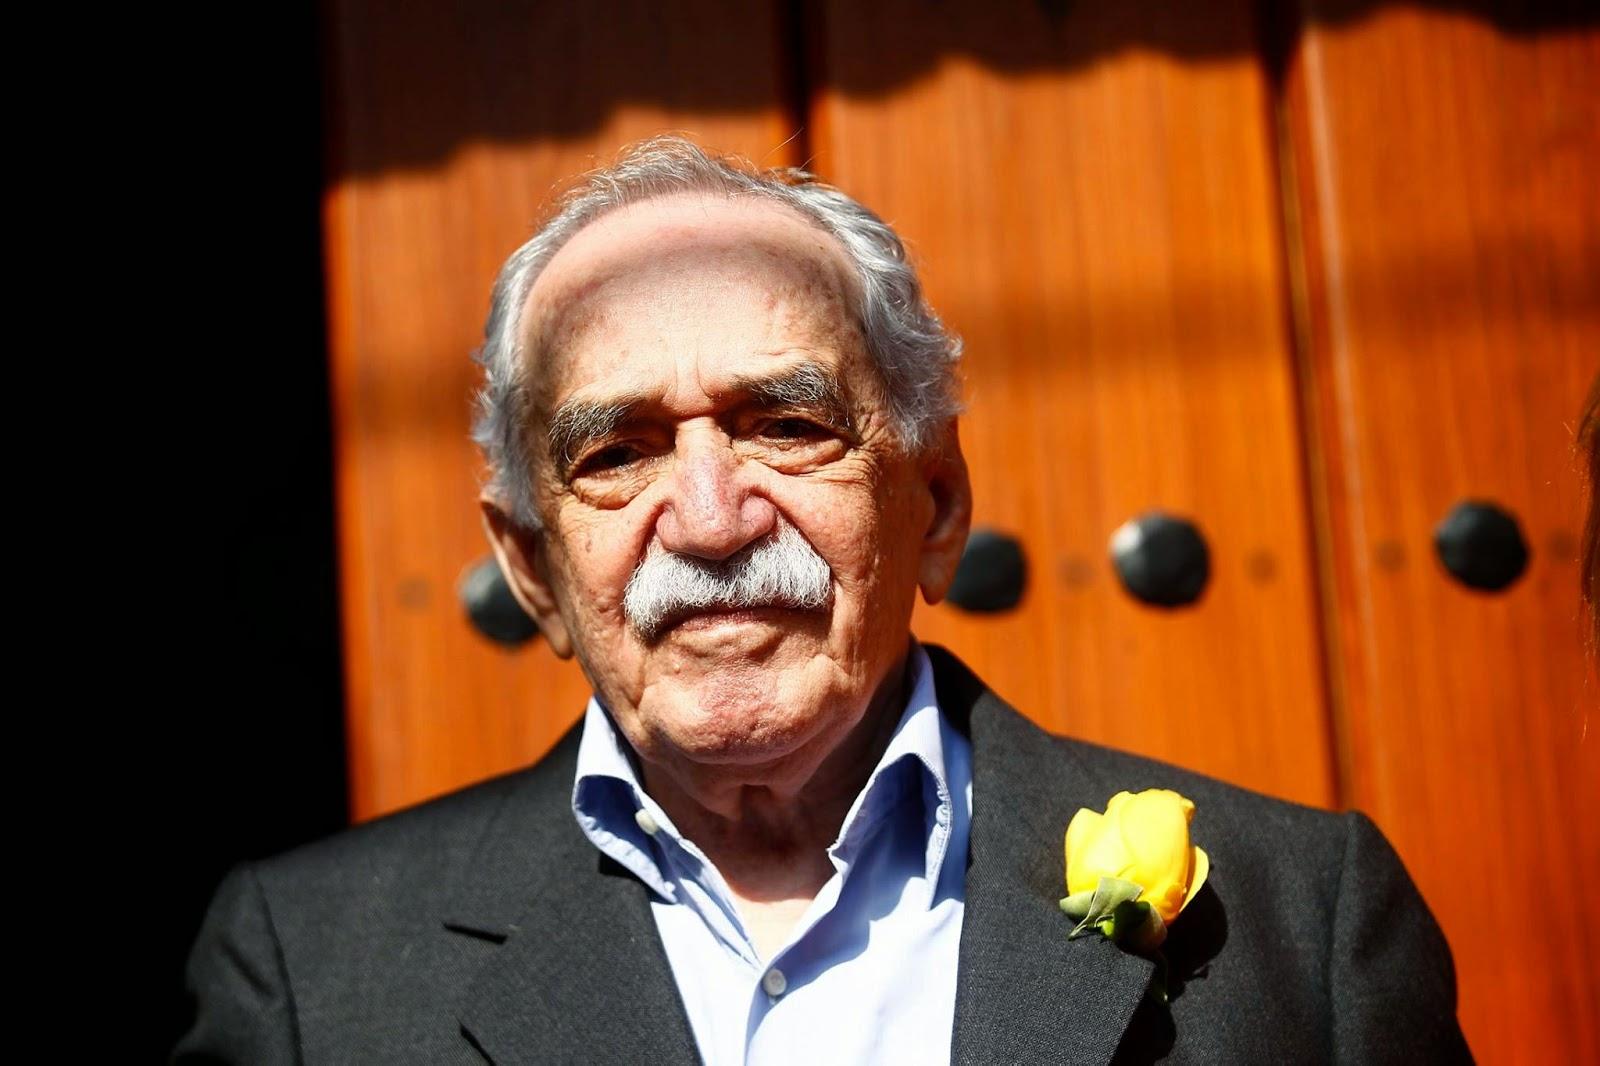 Gabriel García Marquez, Száz lv magány, irodalom, kultúra